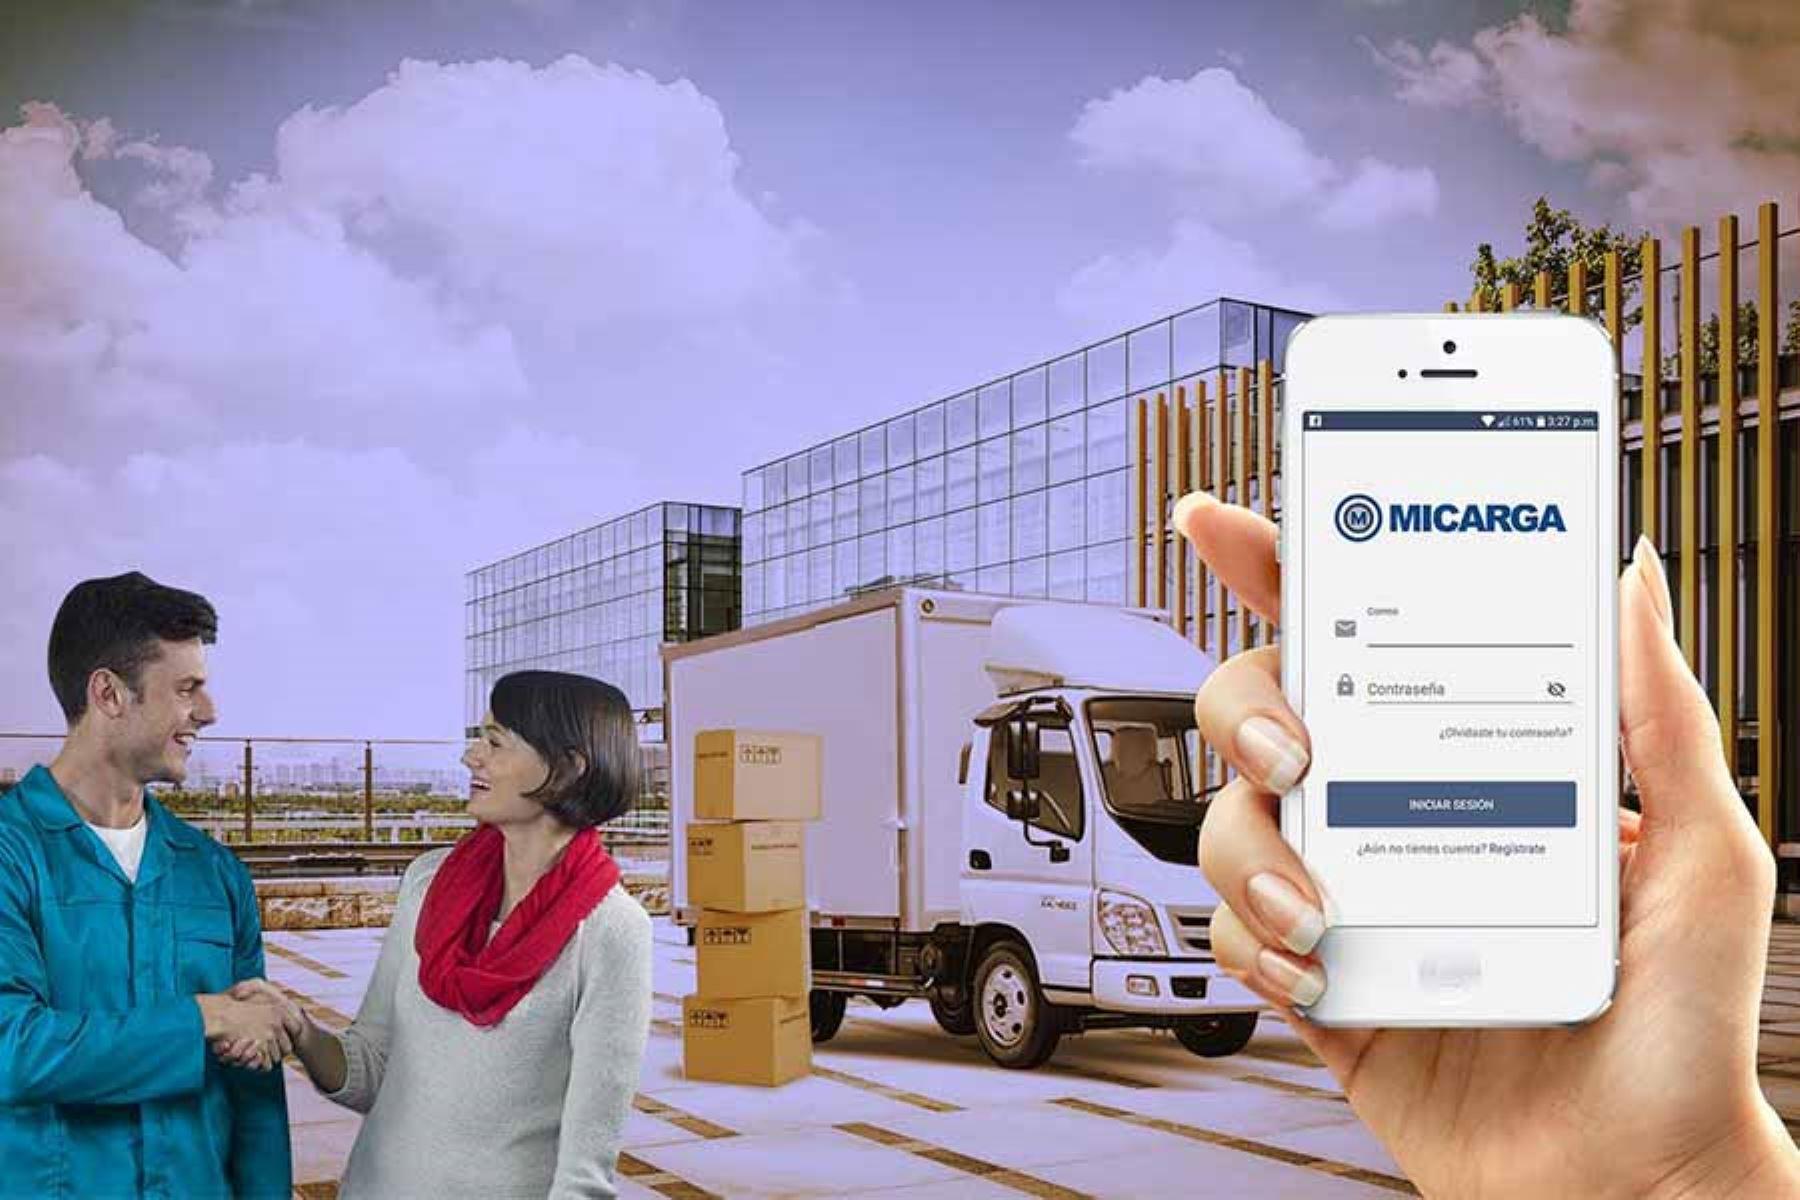 La app Micarga conecta a usuarios con empresas de transporte que requieran enviar cargas desde una tonelada.